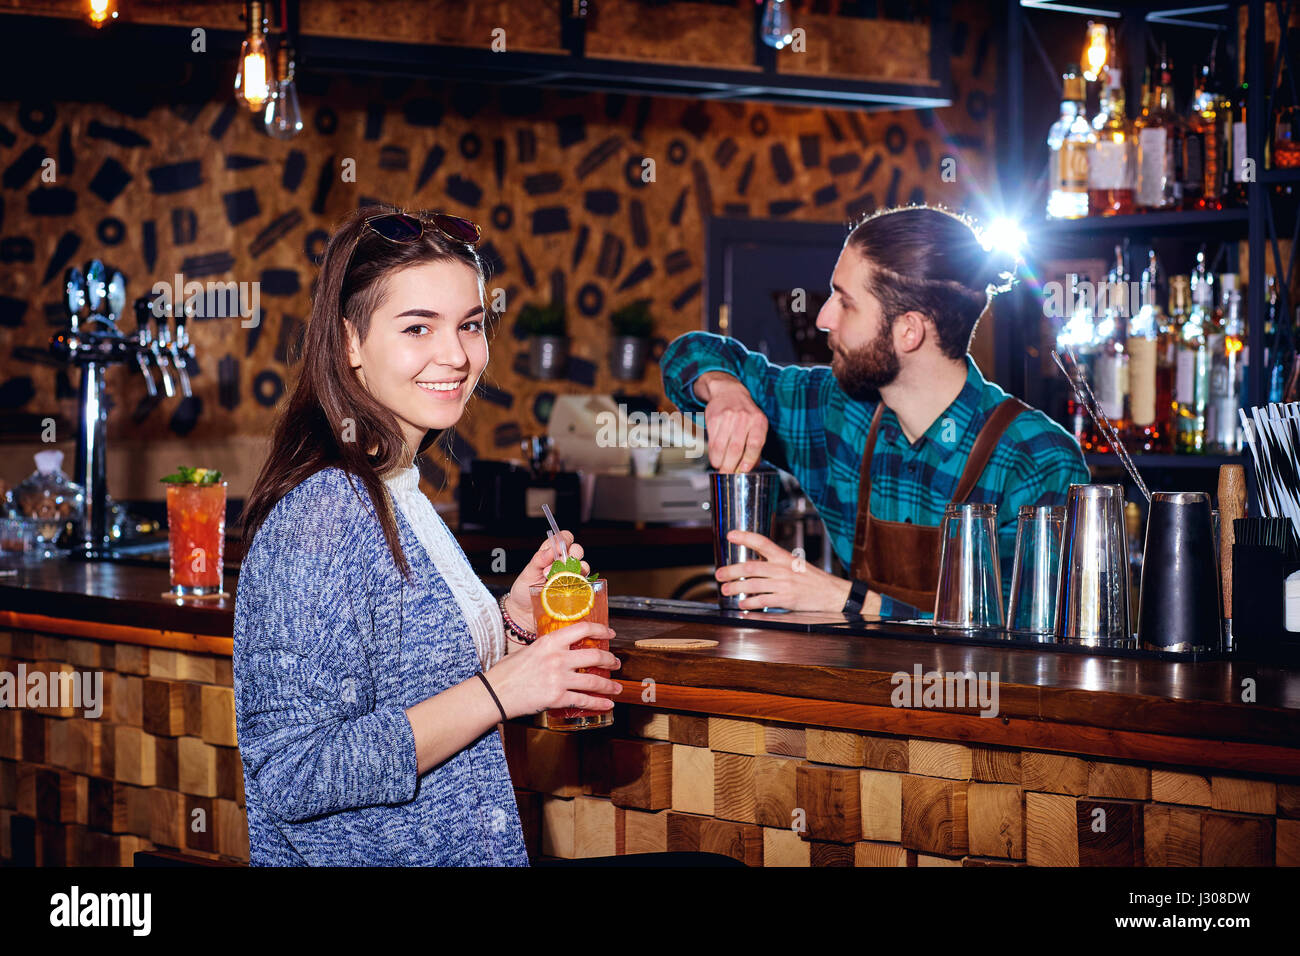 Ein Mädchen mit einem Lächeln cocktail an der Bar Tresen Stockbild